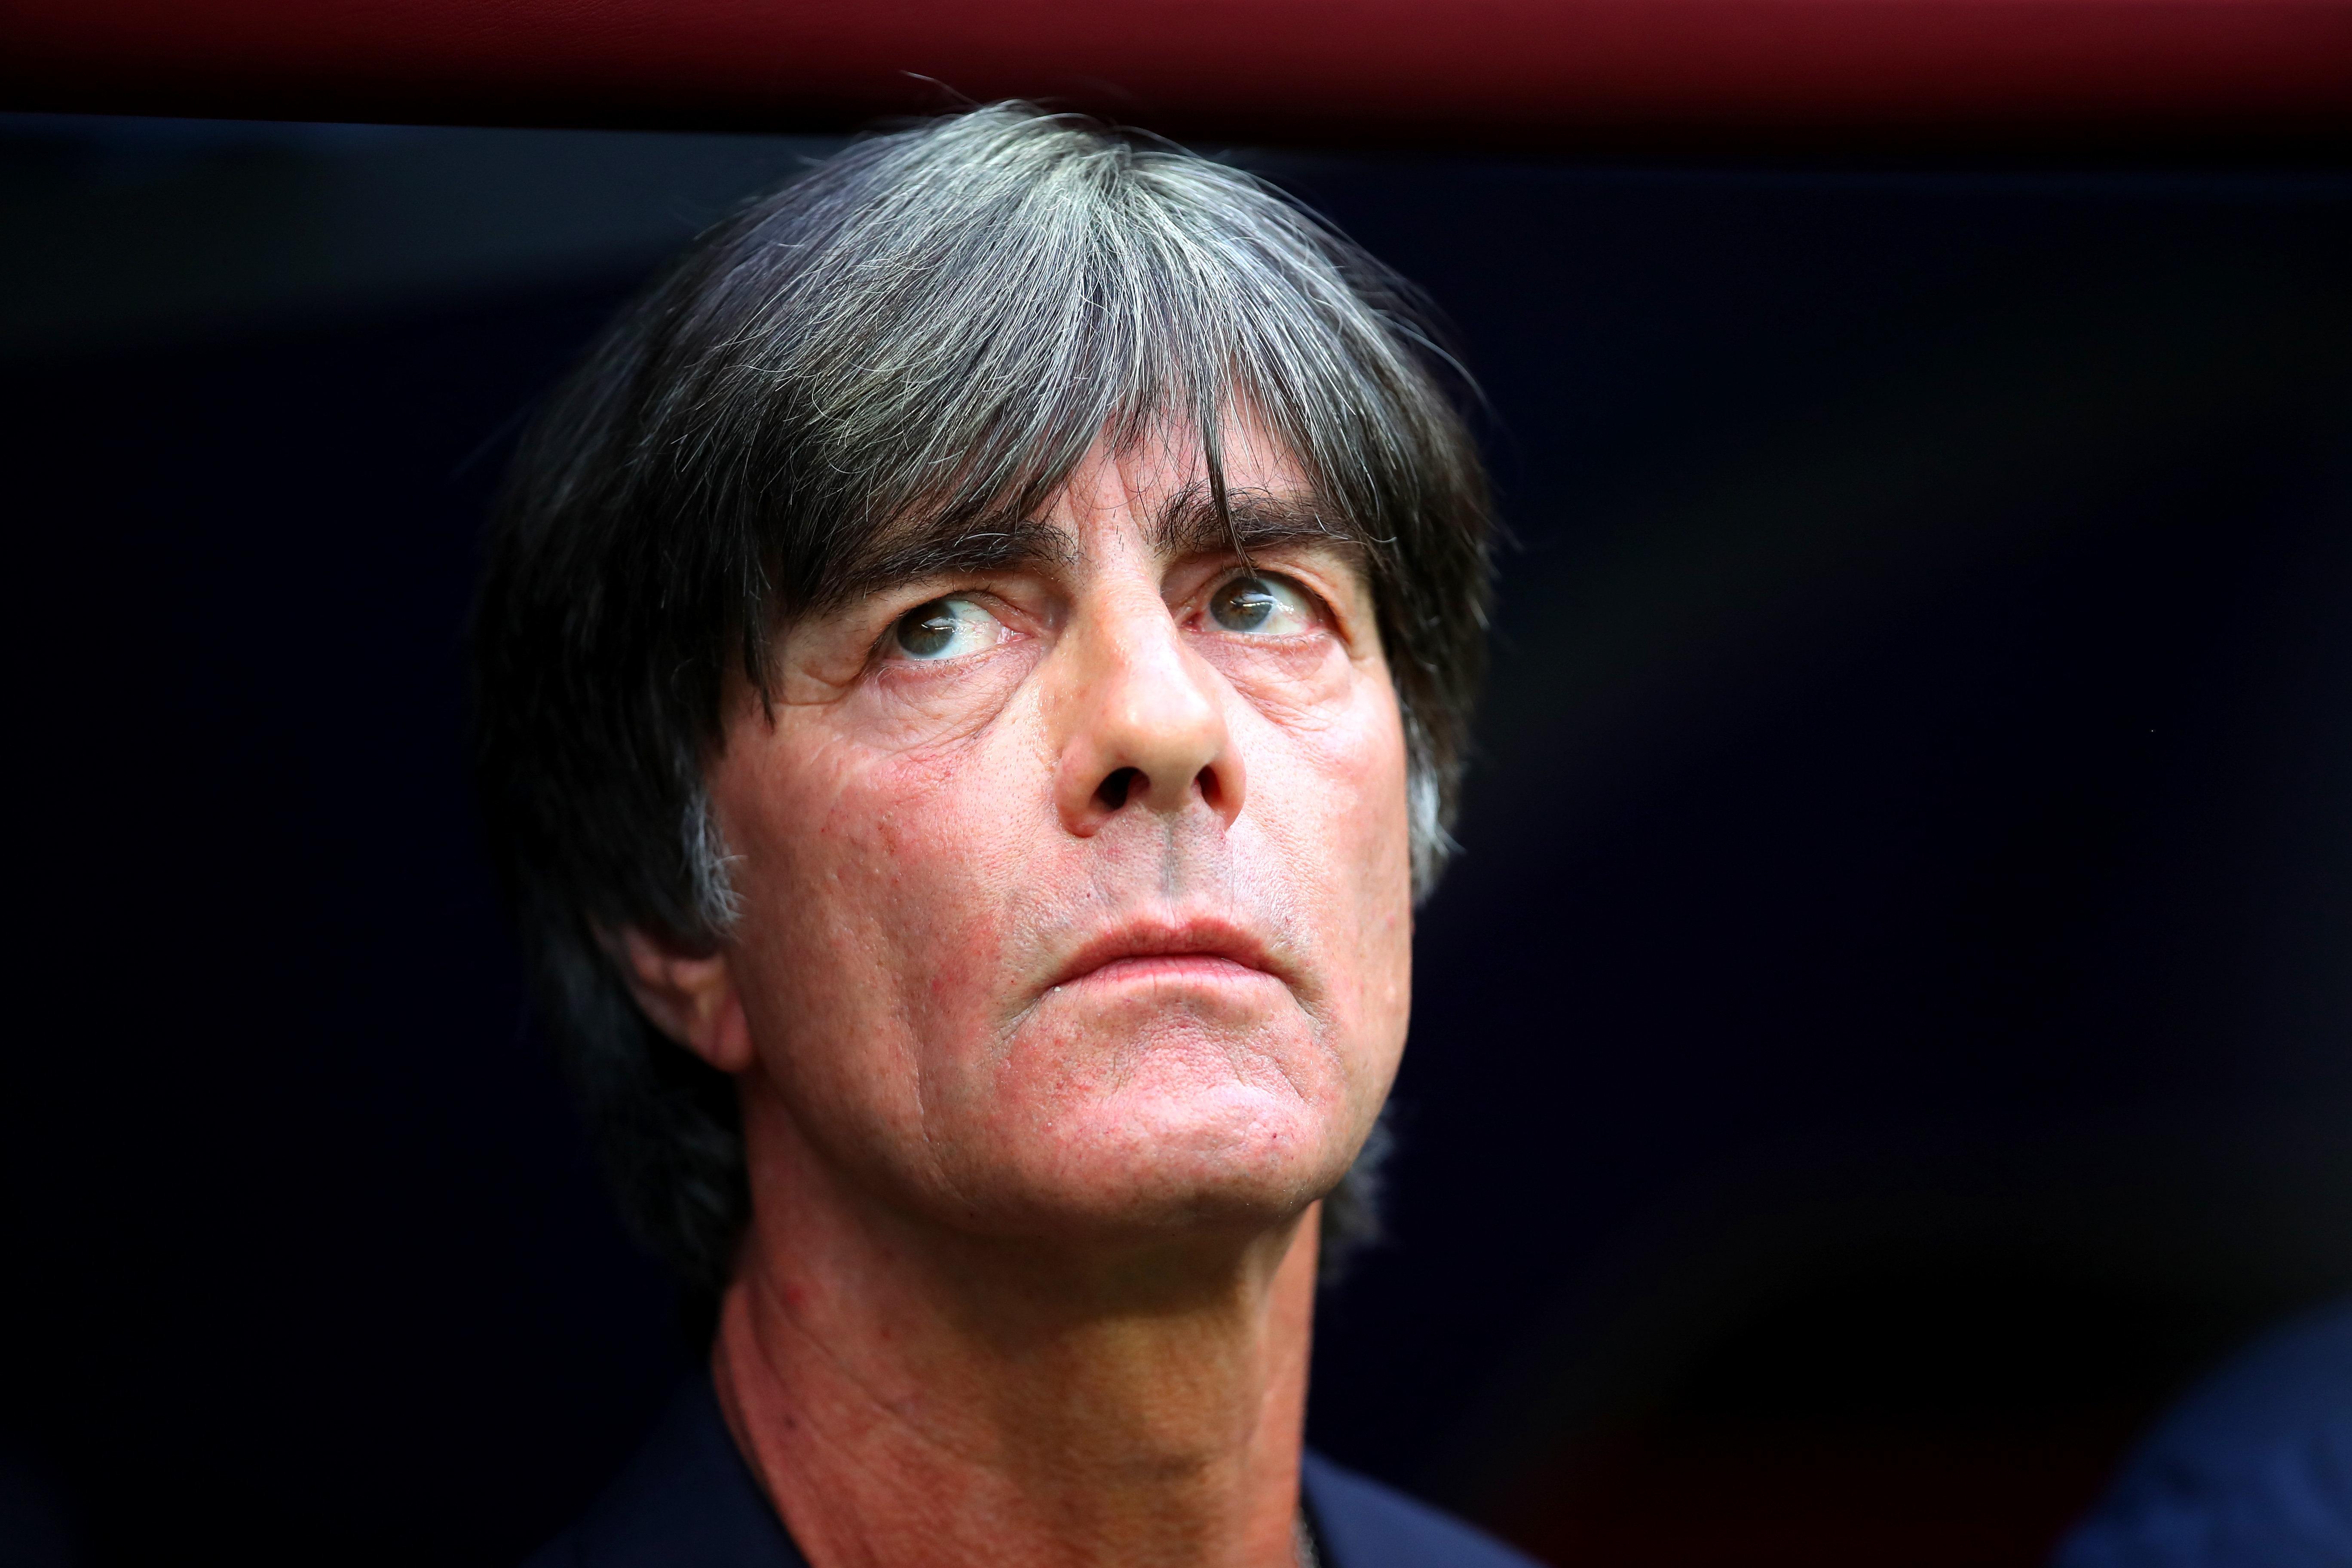 독일 축구대표팀 감독이 한국전 앞두고 밝힌 목표